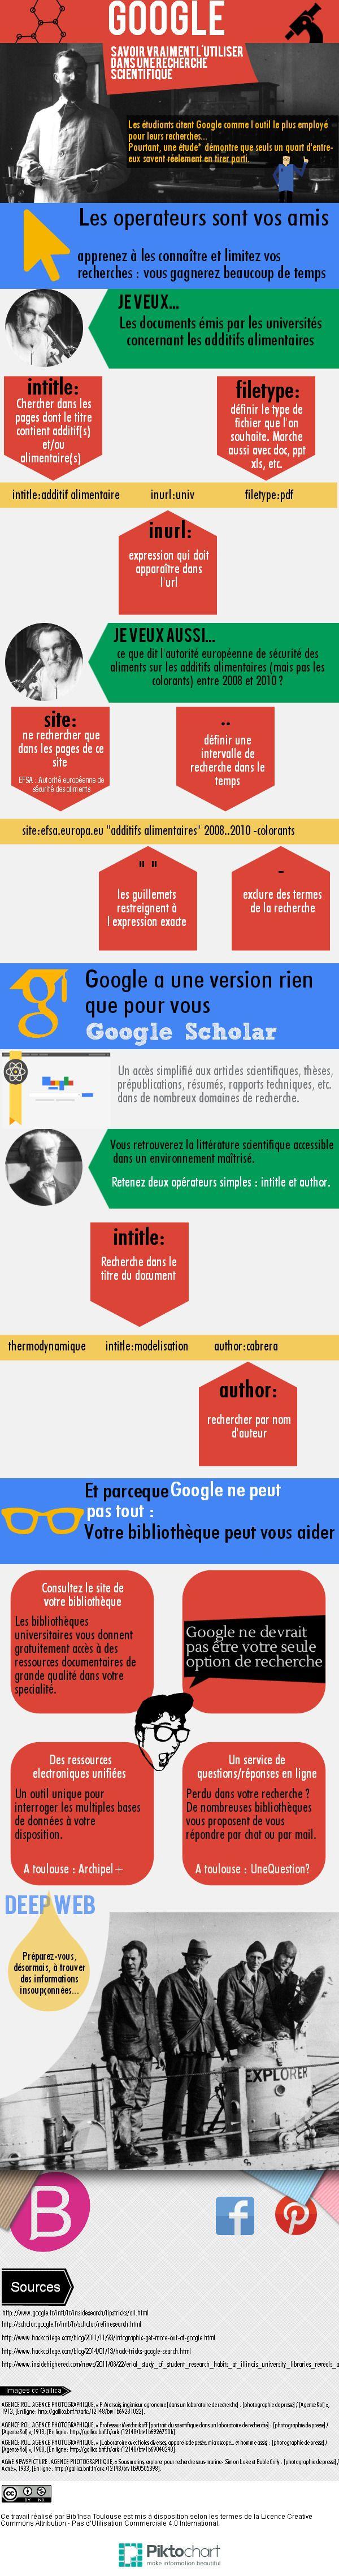 Rechercher dans #Google : astuces de recherche fondamentales